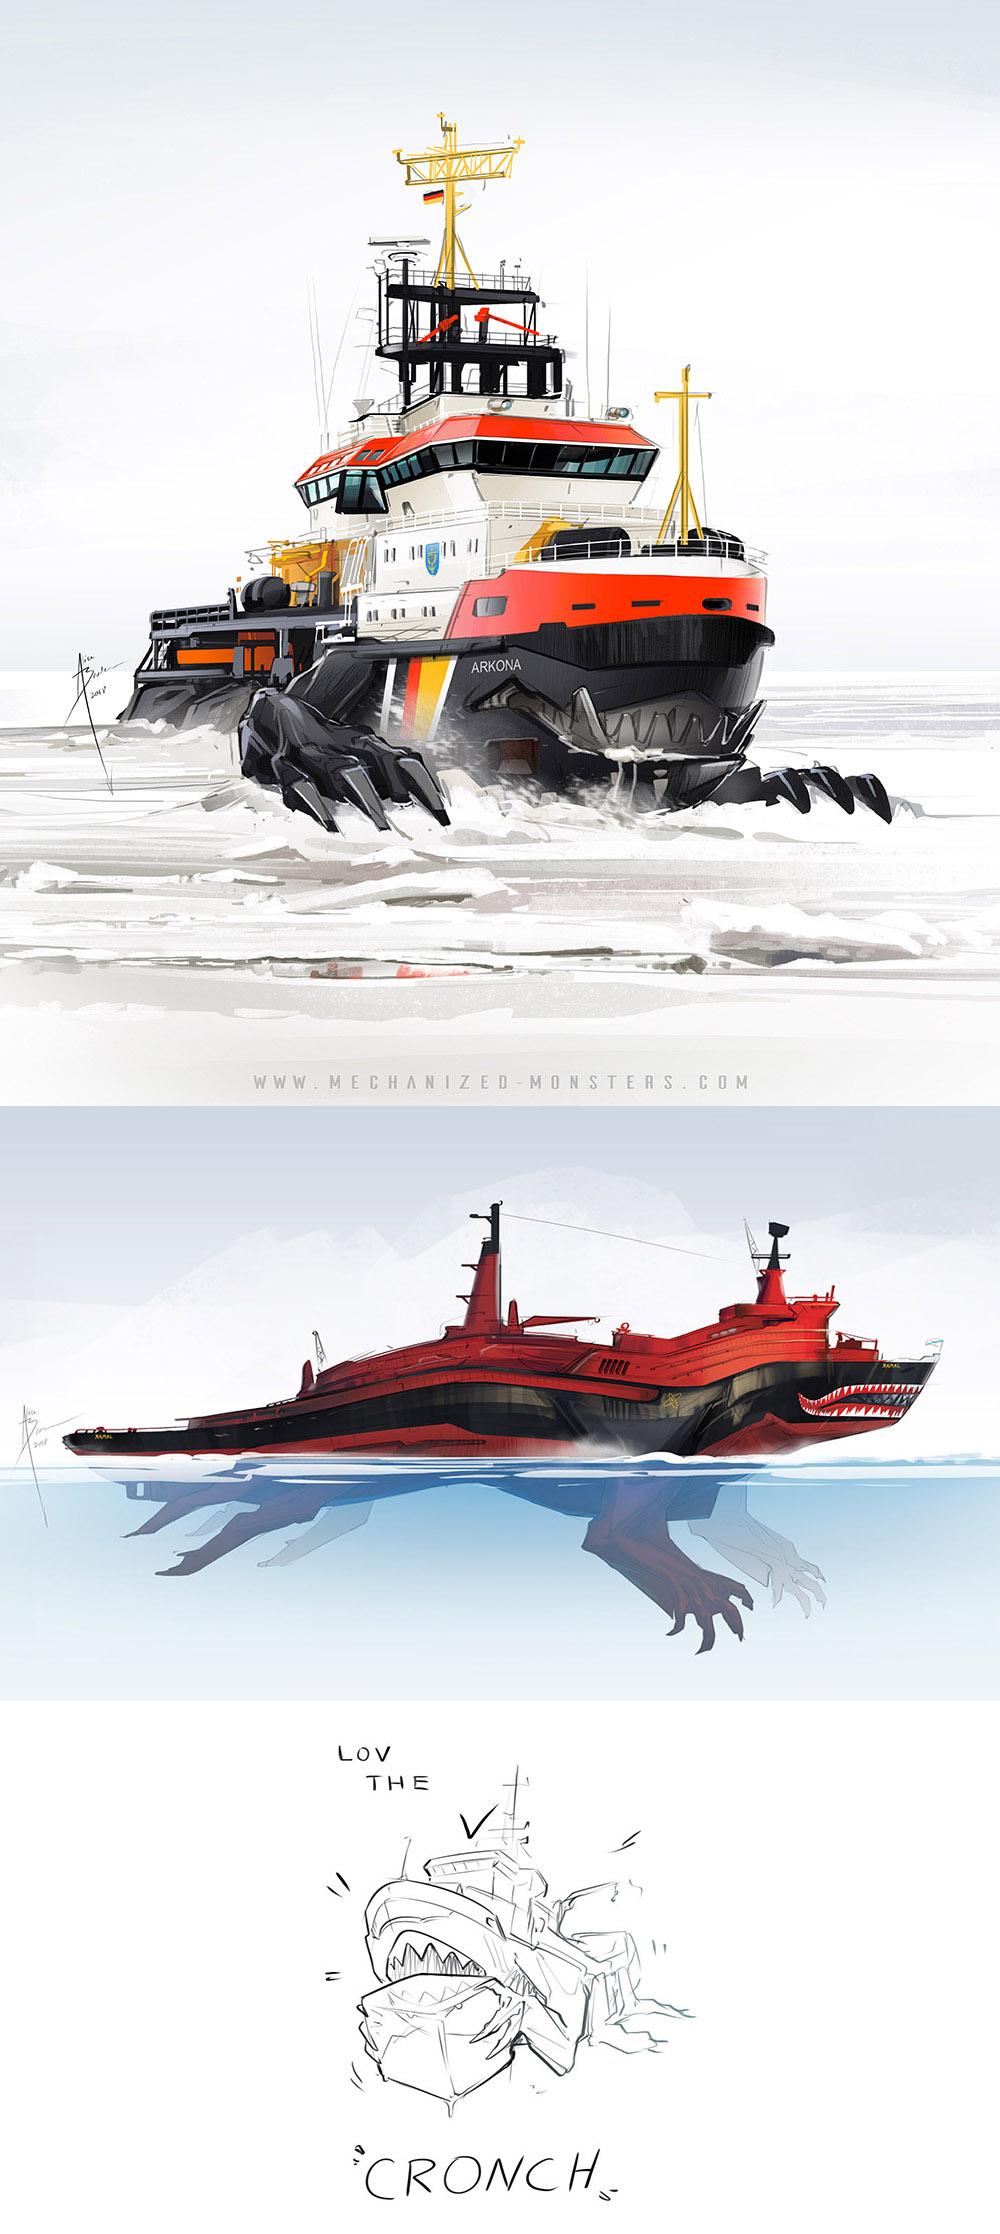 LOV THE CRONCH by Hydrothrax